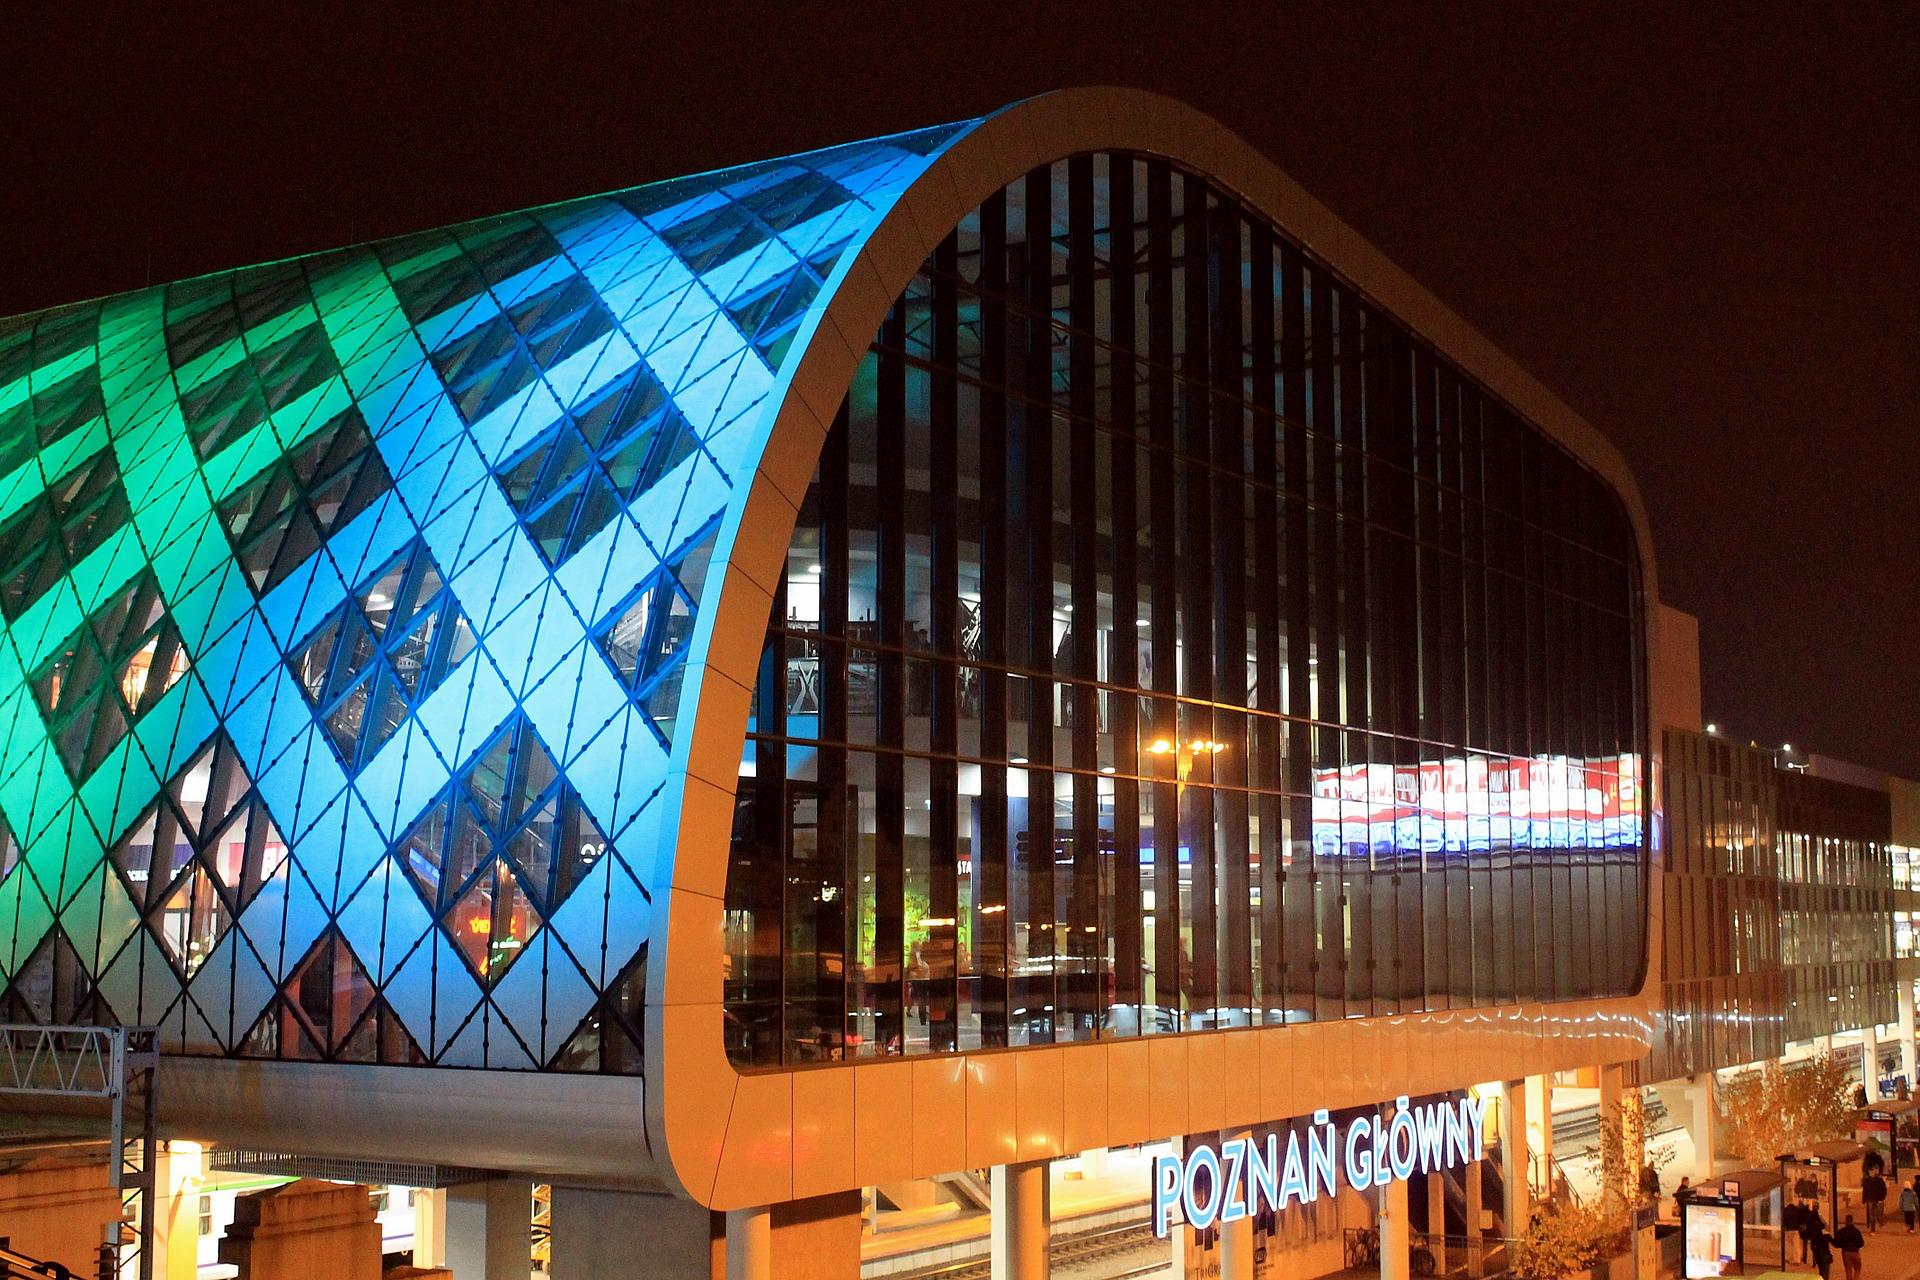 Nowy dworzec kolejowy odmienił architektoniczne oblicze Poznania / fot. CC0